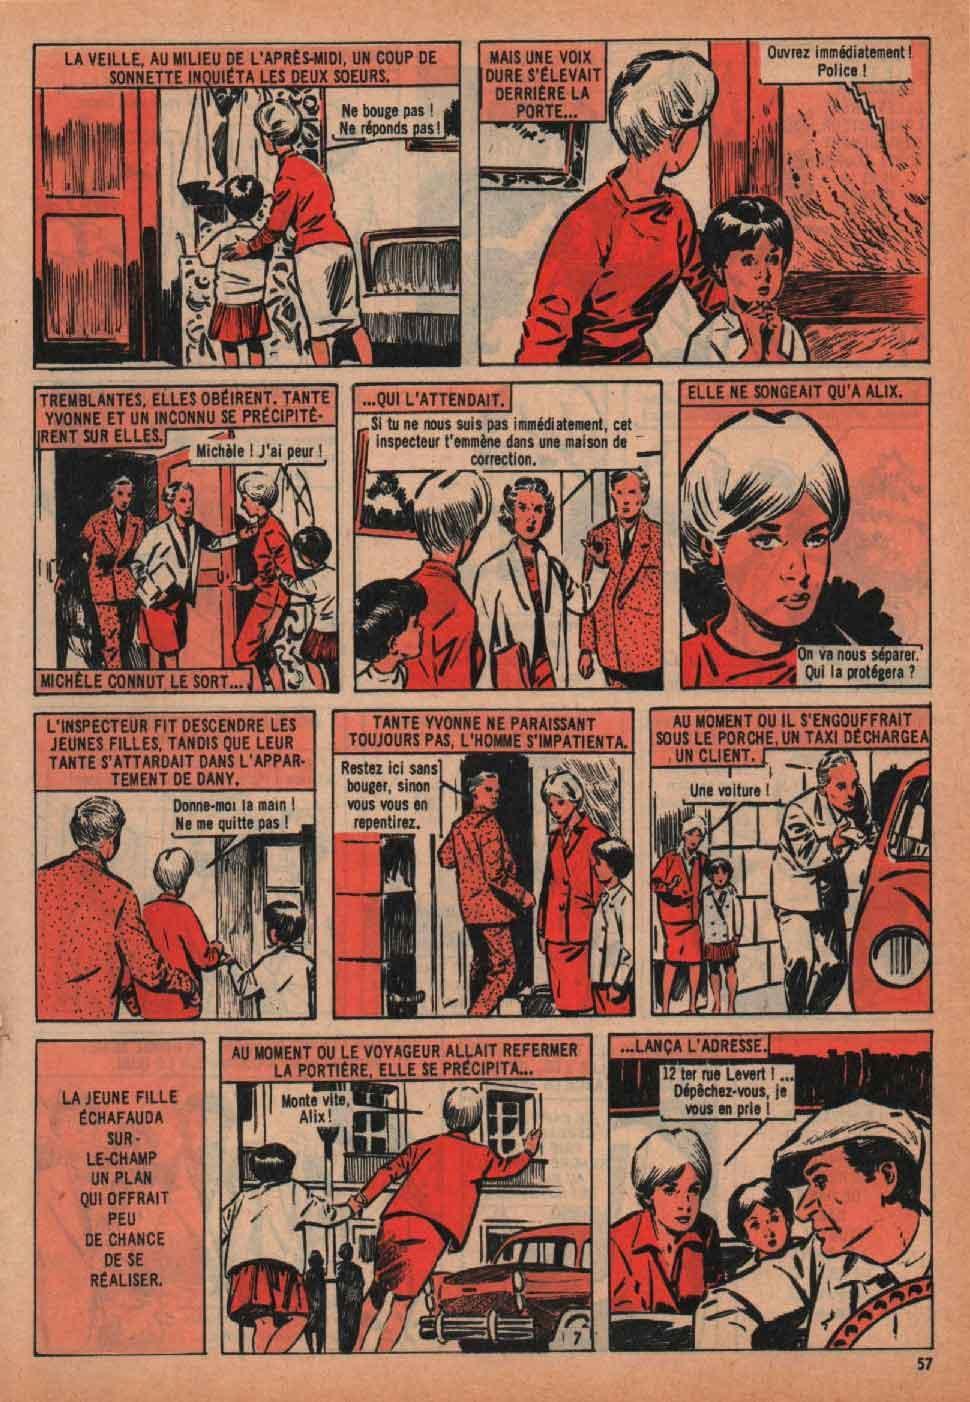 « Dany hôtesse de Paris » Mireille n° 326 (15/11/1960).